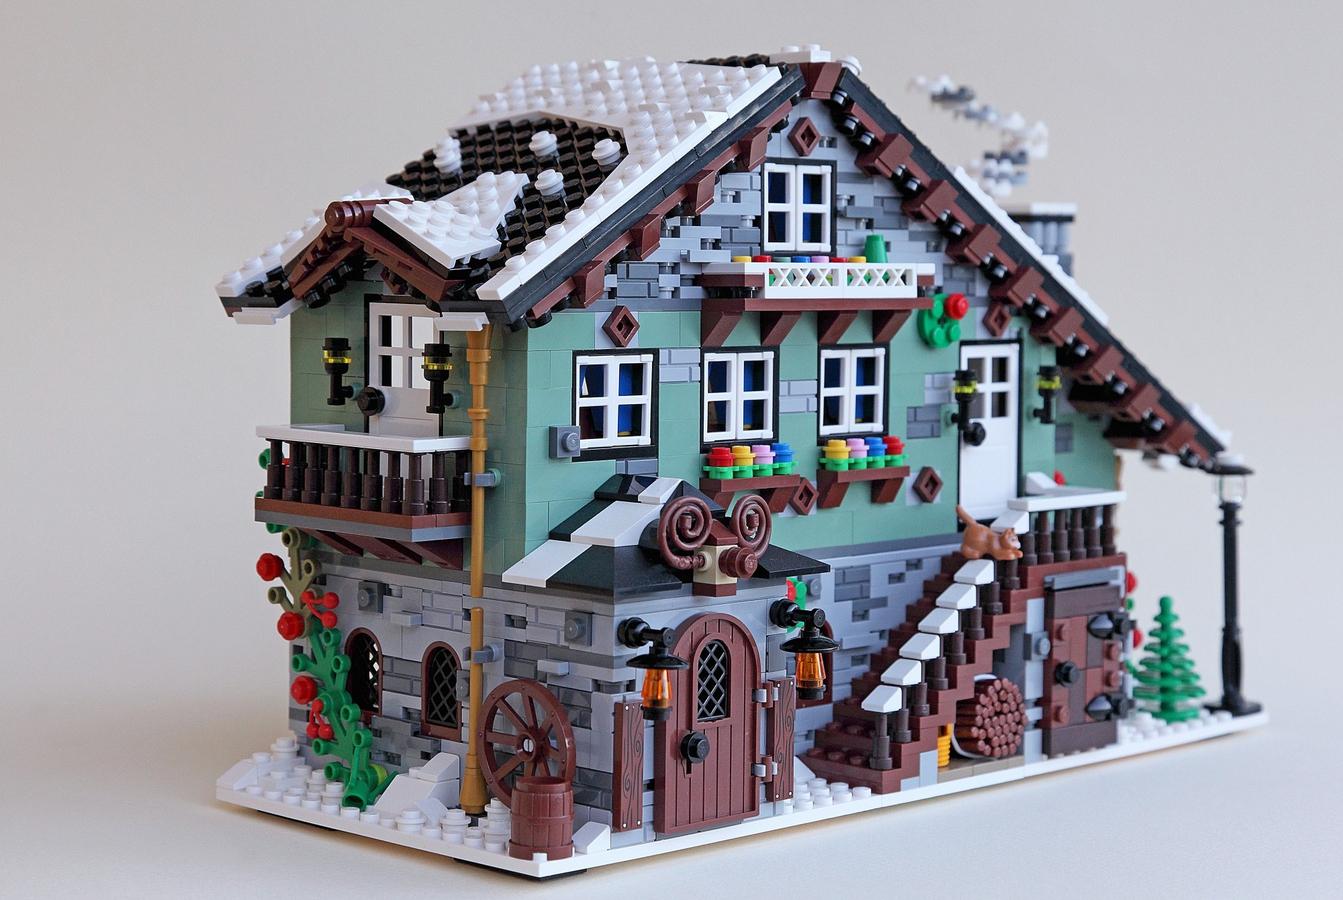 lego-ideas-winter-chalet-sdrnet-2019-2 zusammengebaut.com